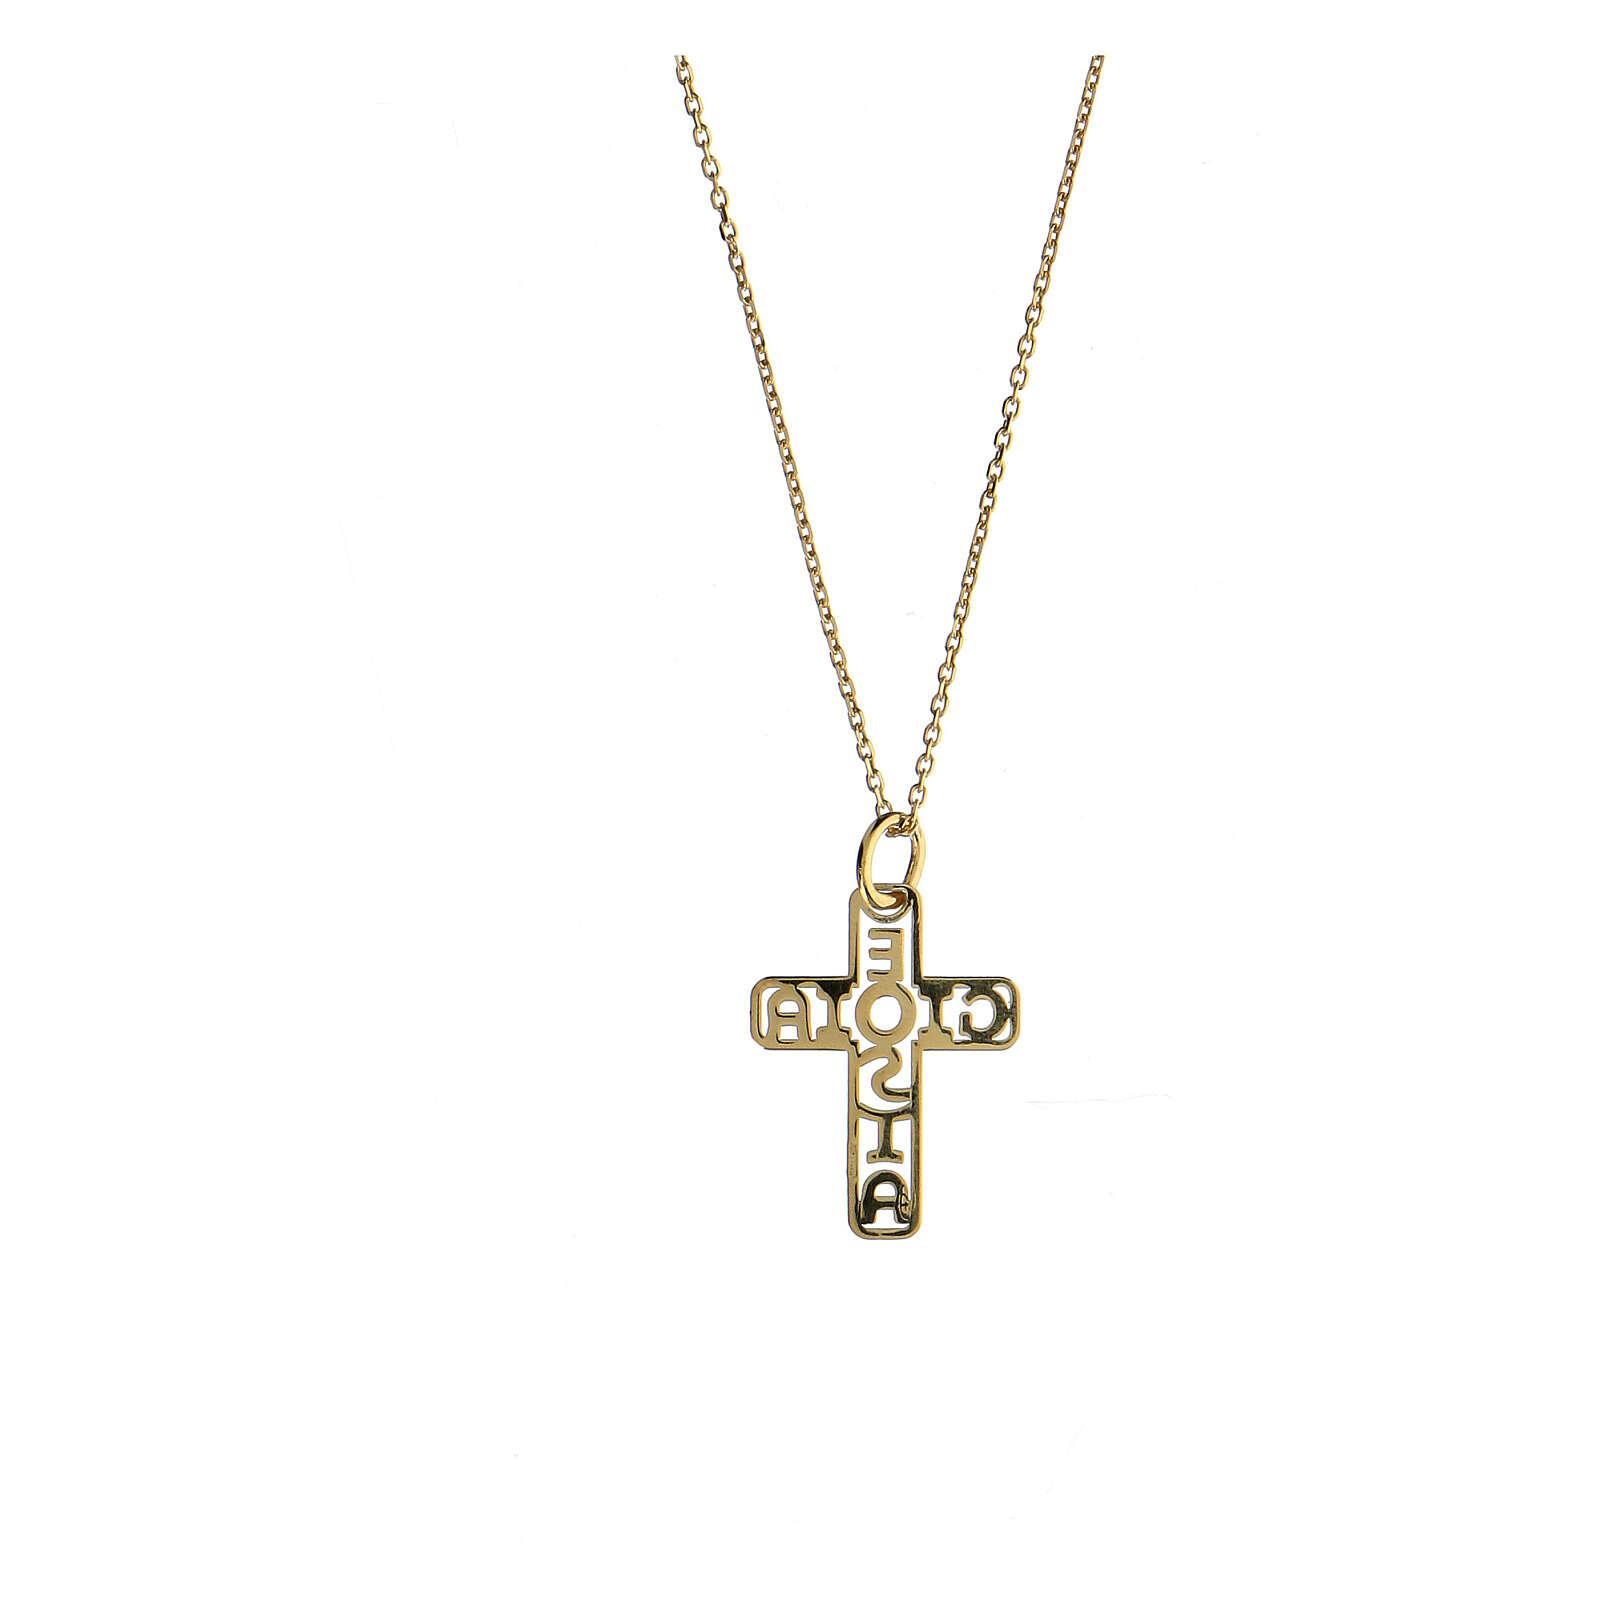 Croce dorata argento 925 E Gioia Sia fondo traforato 4